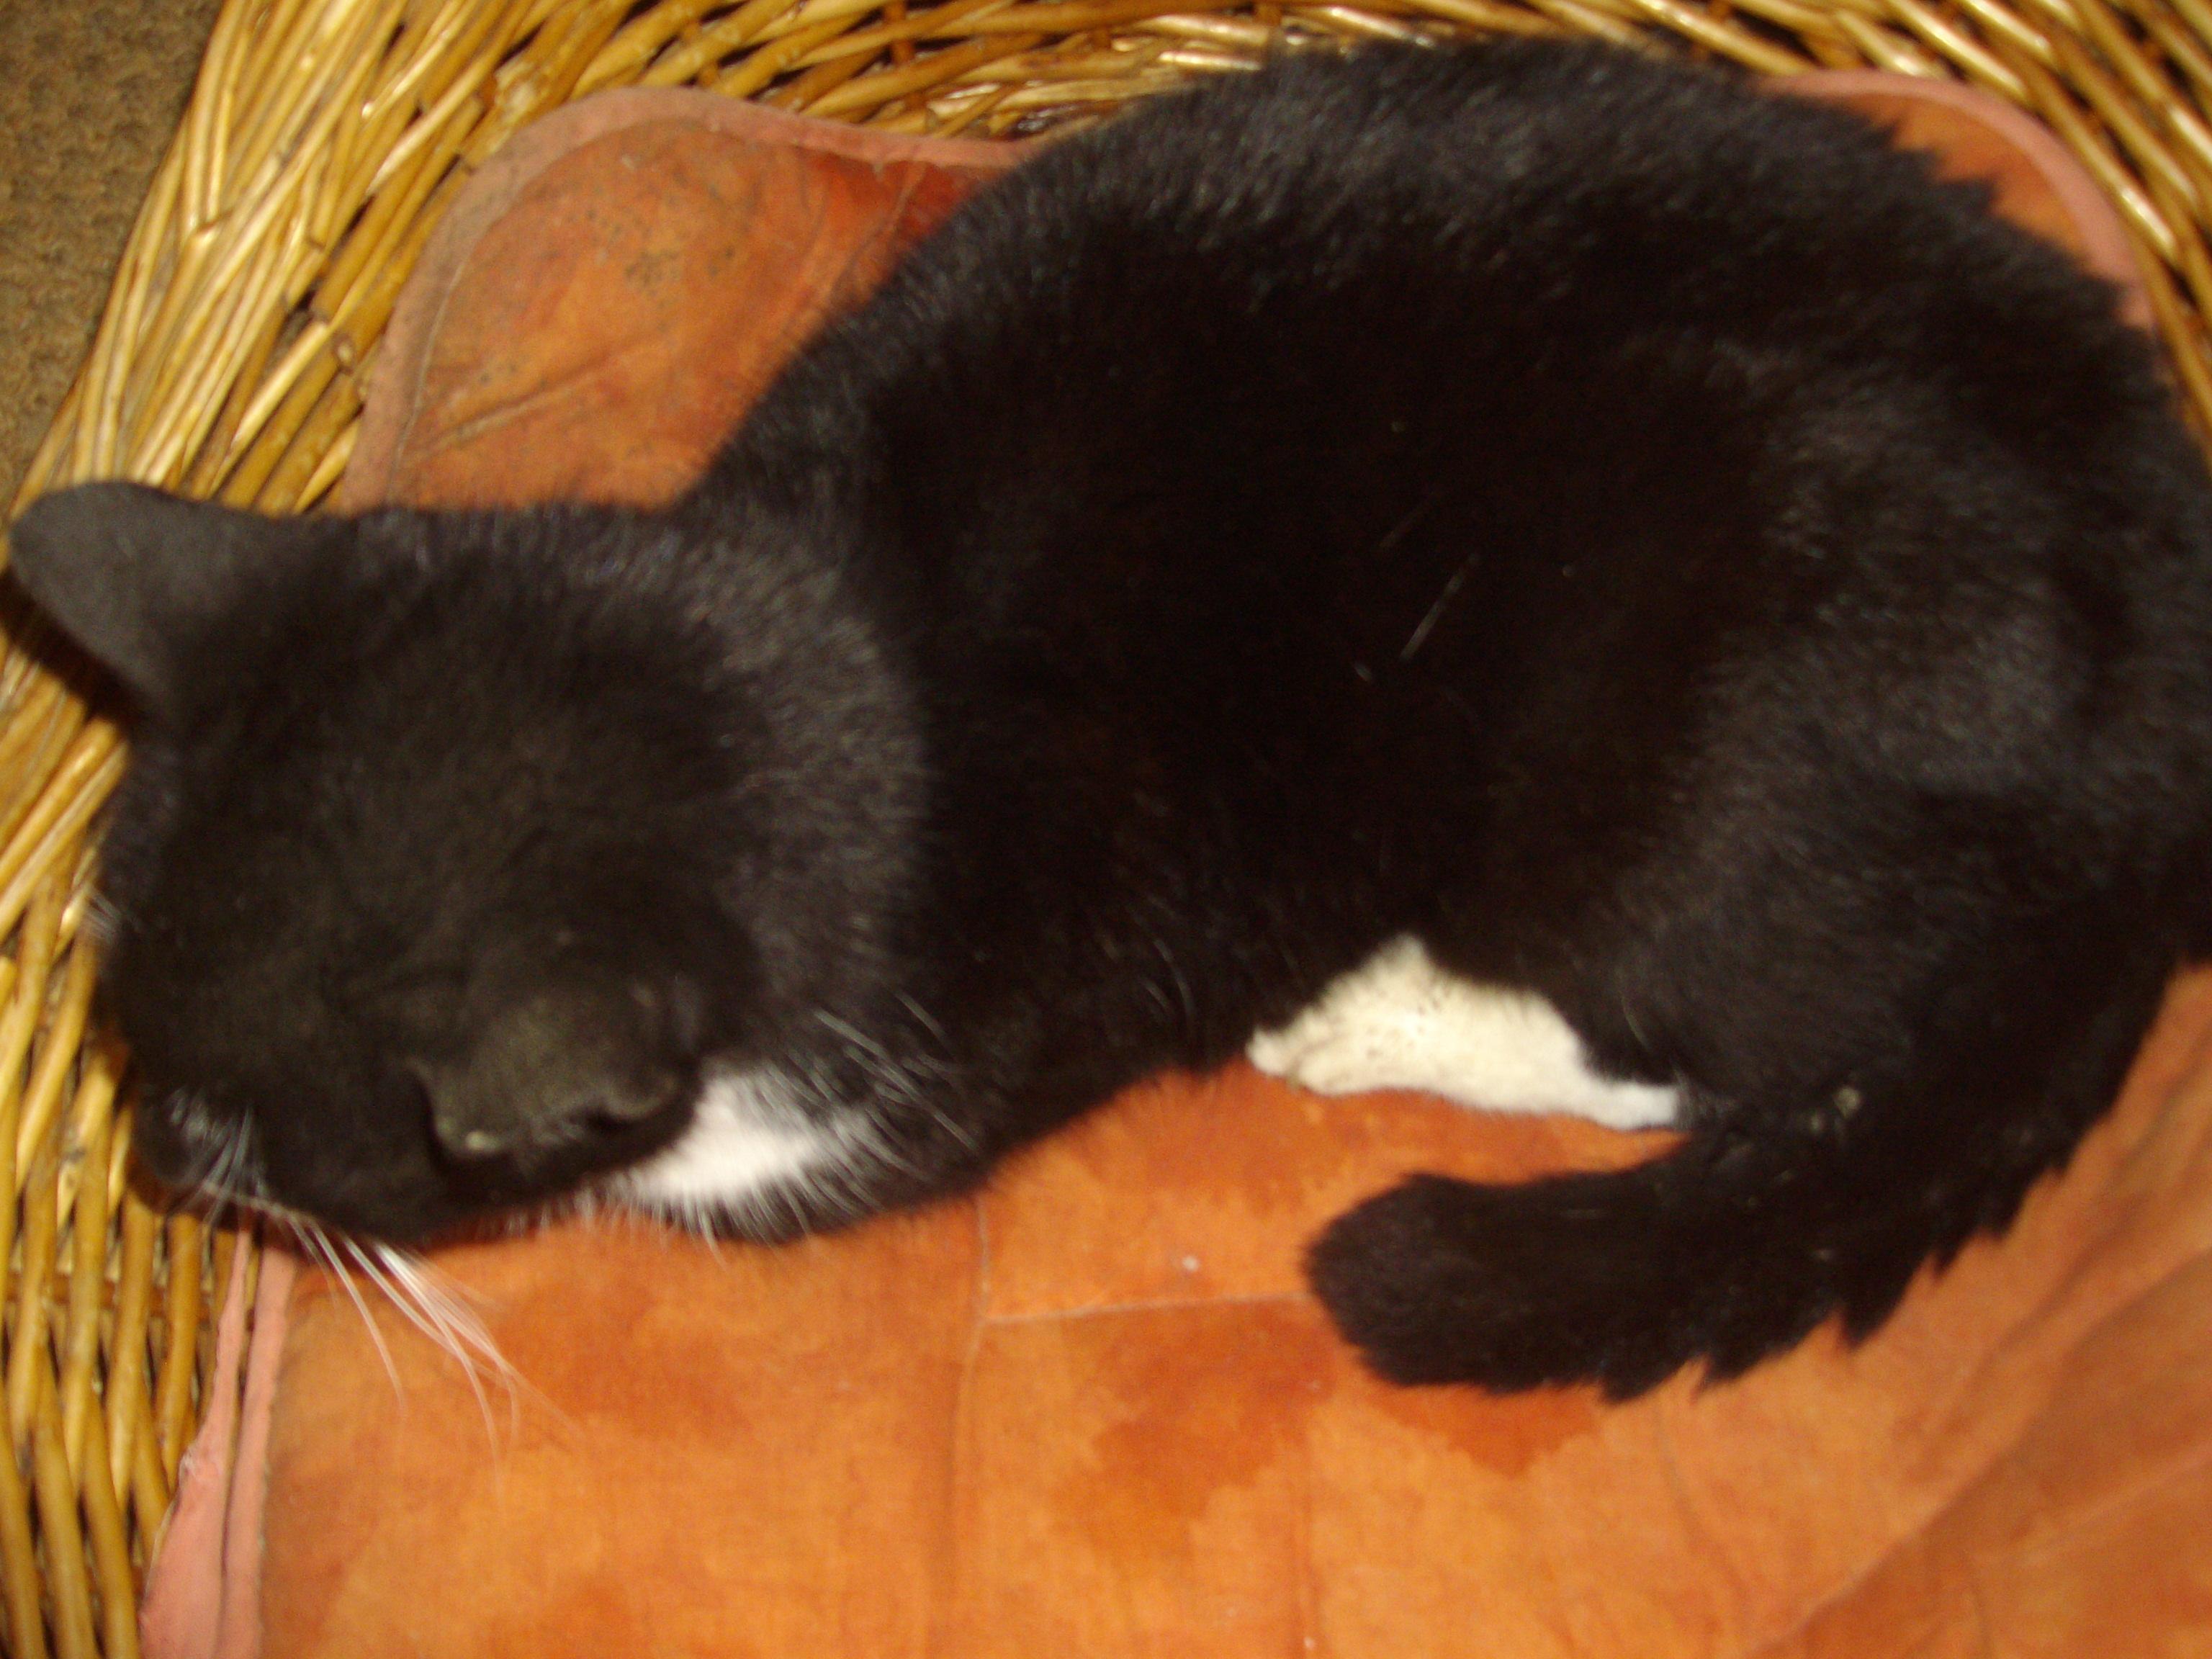 noir chatte noir coqs